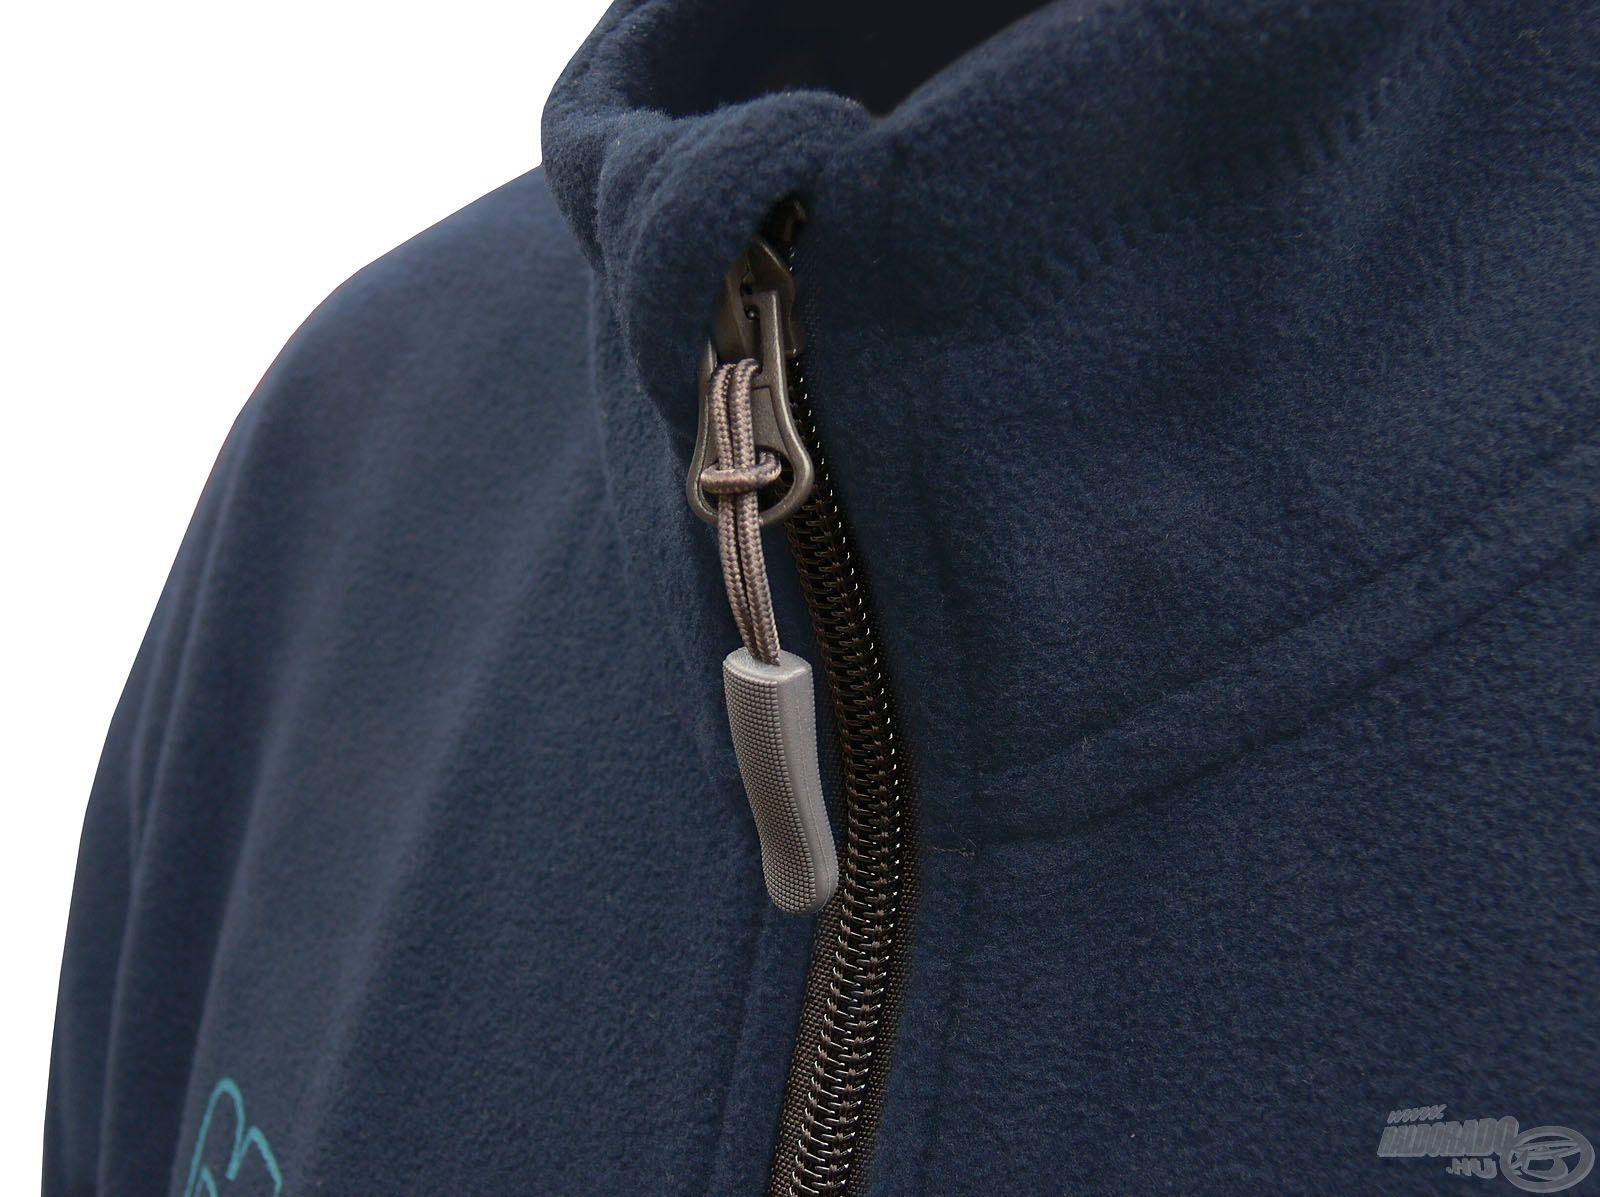 Magasított nyakrésze védelmet nyújt széltől, hidegtől, illetve a fedett cipzár nem tudja irritálni a bőrt az áll alatt